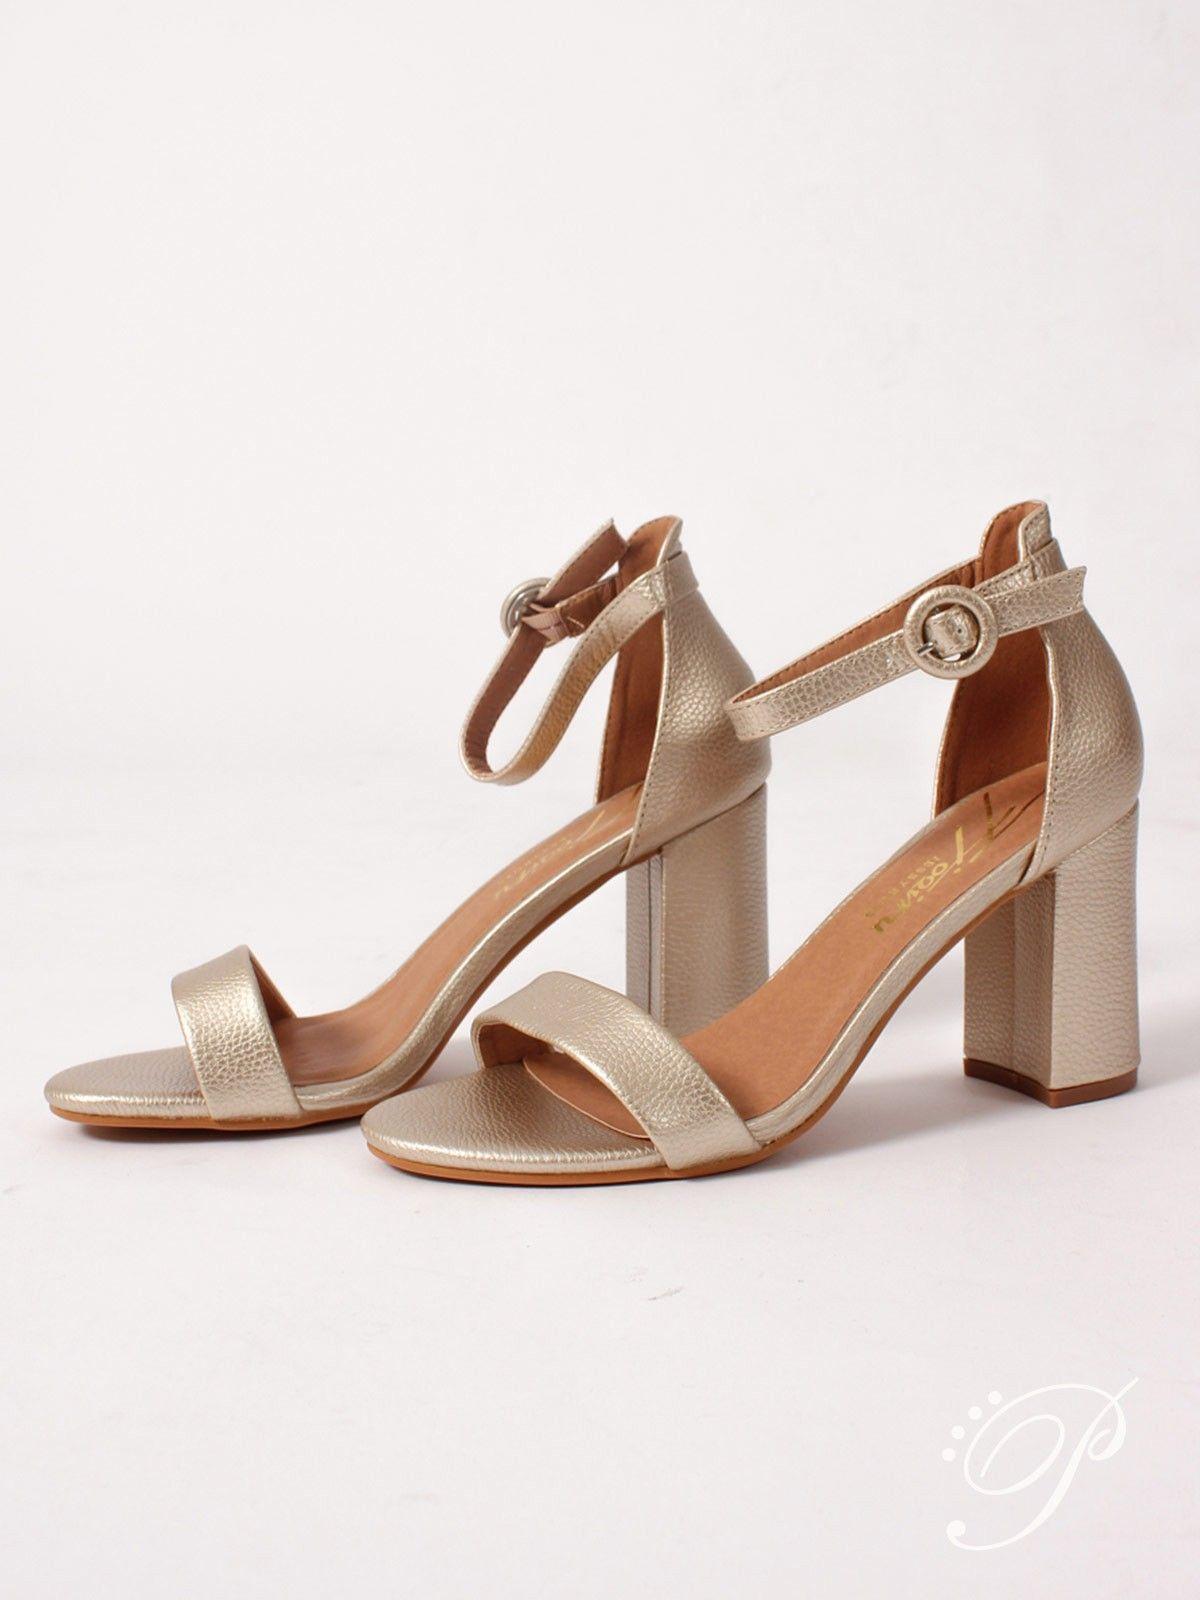 Fashionsandals Vnmn80w Y Dorada 2019calzado Sandalia En Boutique JKlcF1